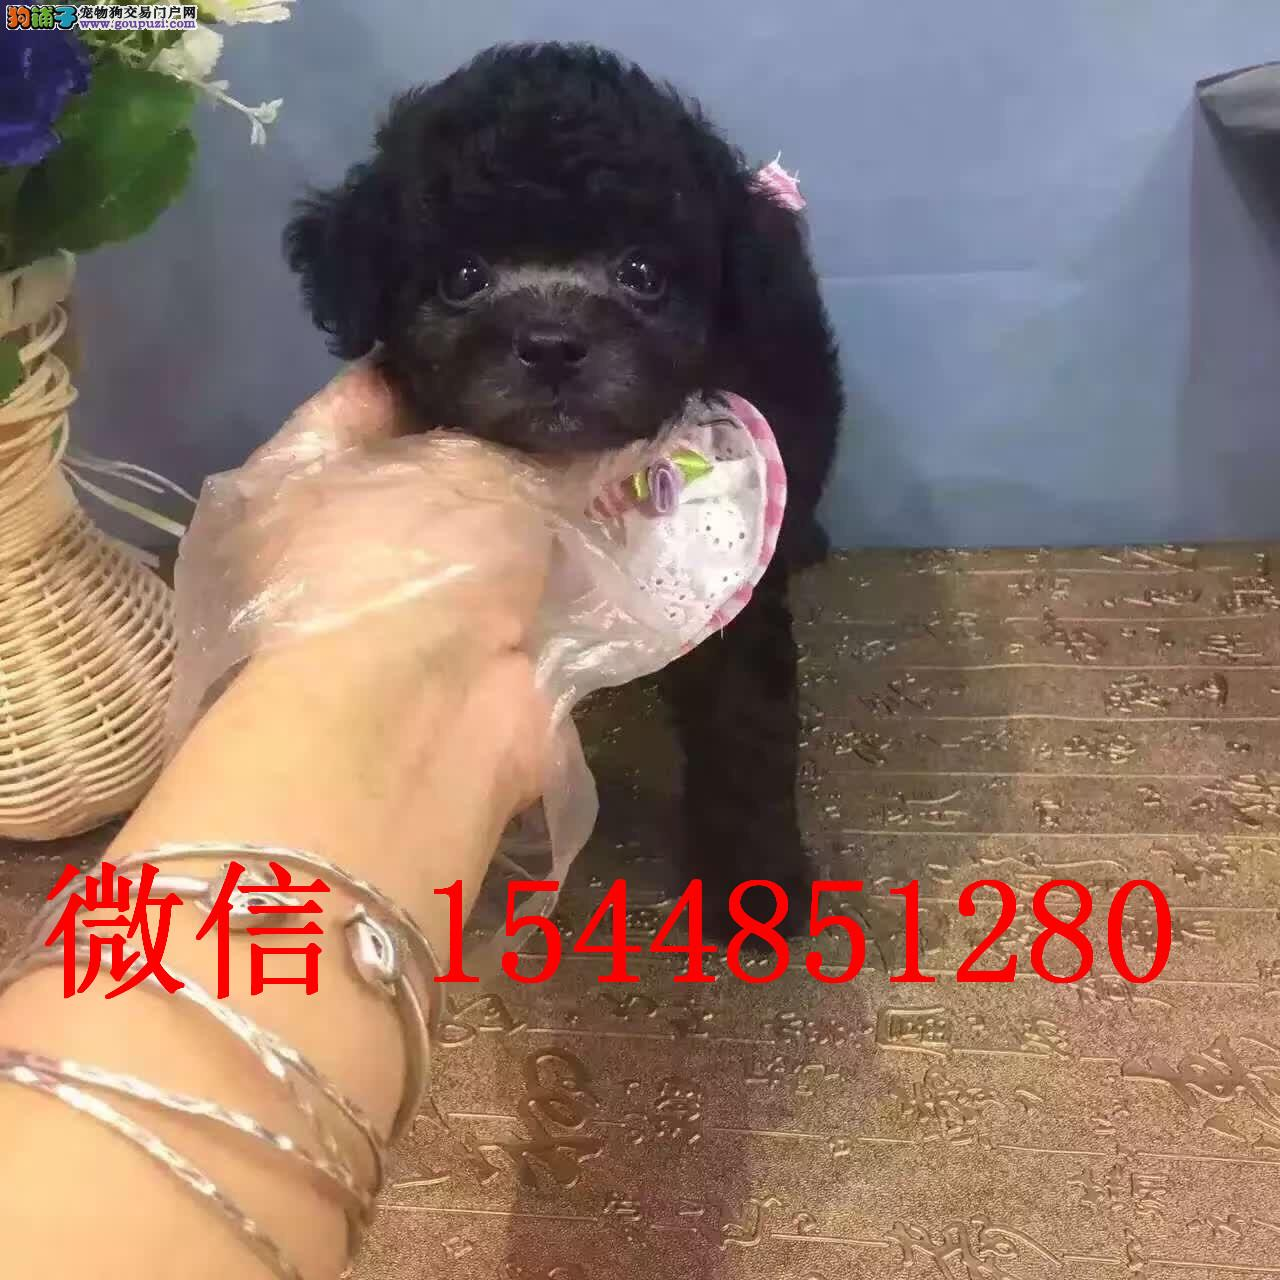 大同哪里有泰迪犬卖 纯种小体茶杯灰色泰迪犬多少钱